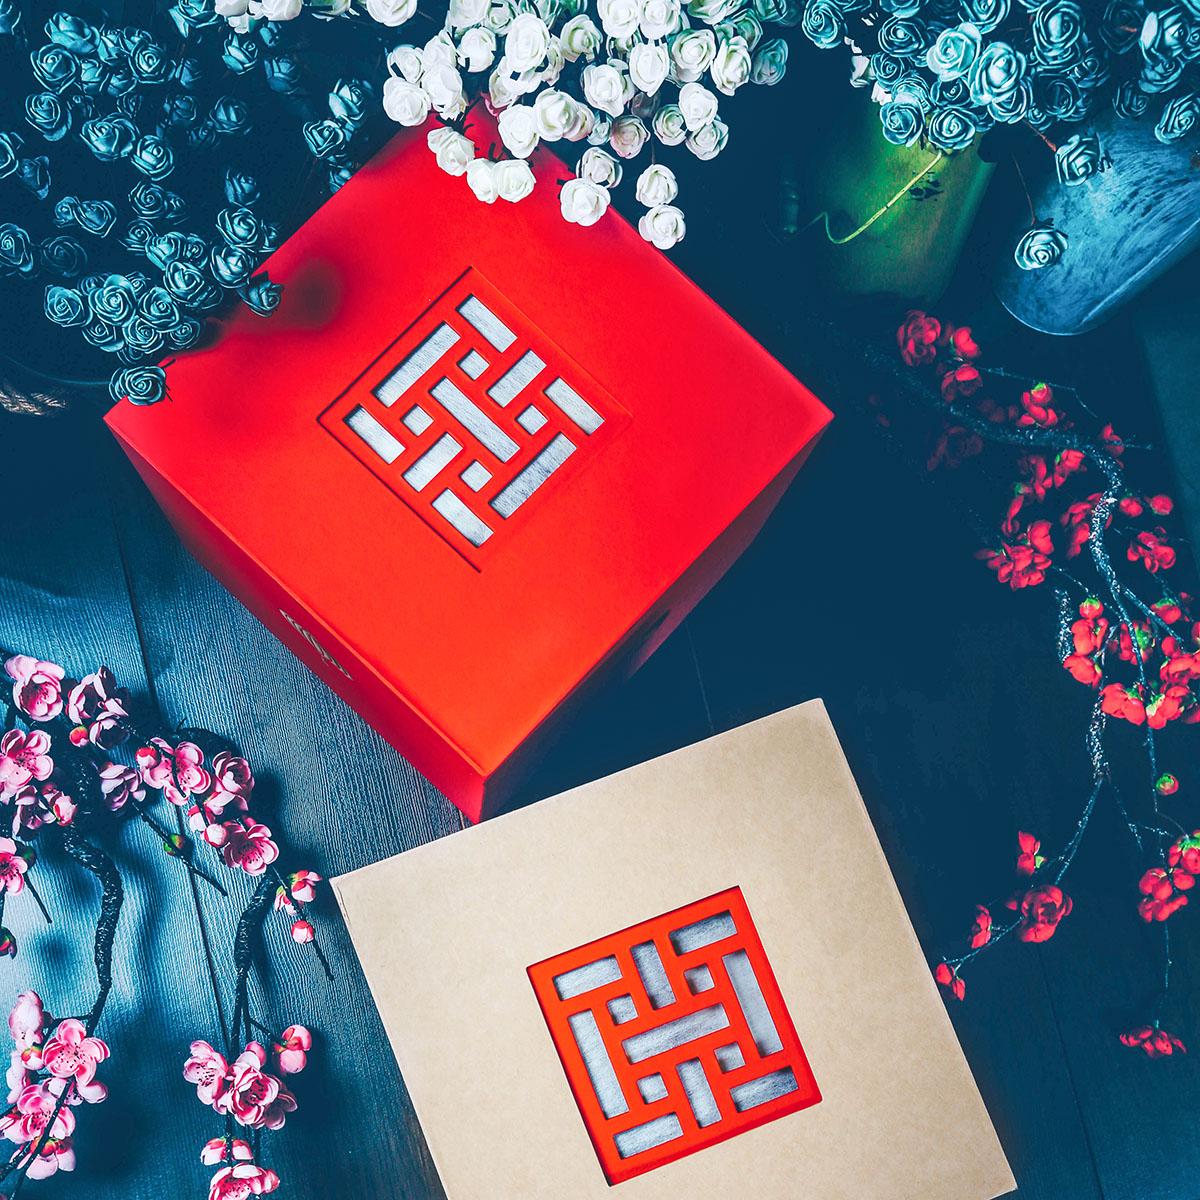 Thiết kế tối giản, hoàn thiện cao cấp - Thiết kế hộp quà tết L'angfarm mang đậm chất nông sản hoà quyện trong màu sắc tết truyền thống. Bề mặt hộp được hoàn thiện bằng giấy kraft và giấy mỹ thuật cao cấp. Màu sắc hộp đa dạng, phù hợp với sở thích và nhu cầu khác nhau của khách hàng